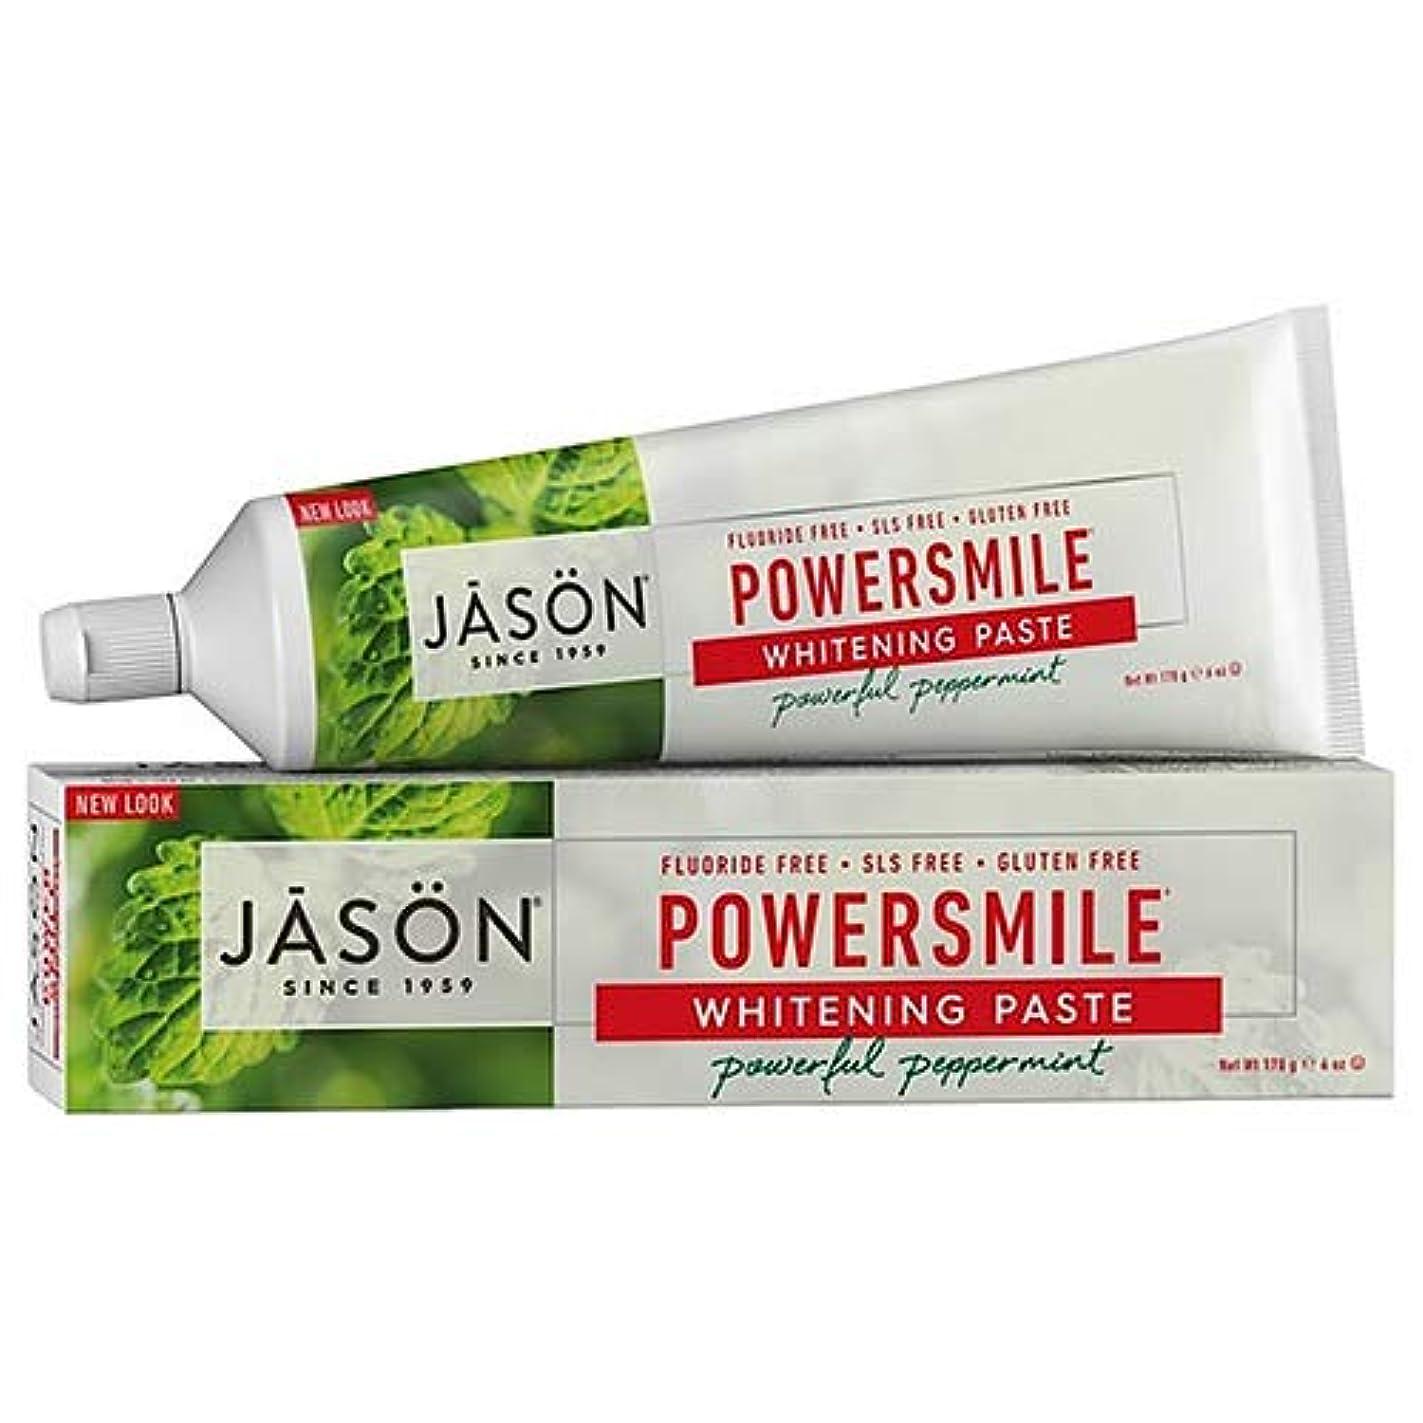 数字クック従うJason Natural, PowerSmile, Antiplaque & Whitening Paste, Powerful Peppermint, 6 oz (170 g)